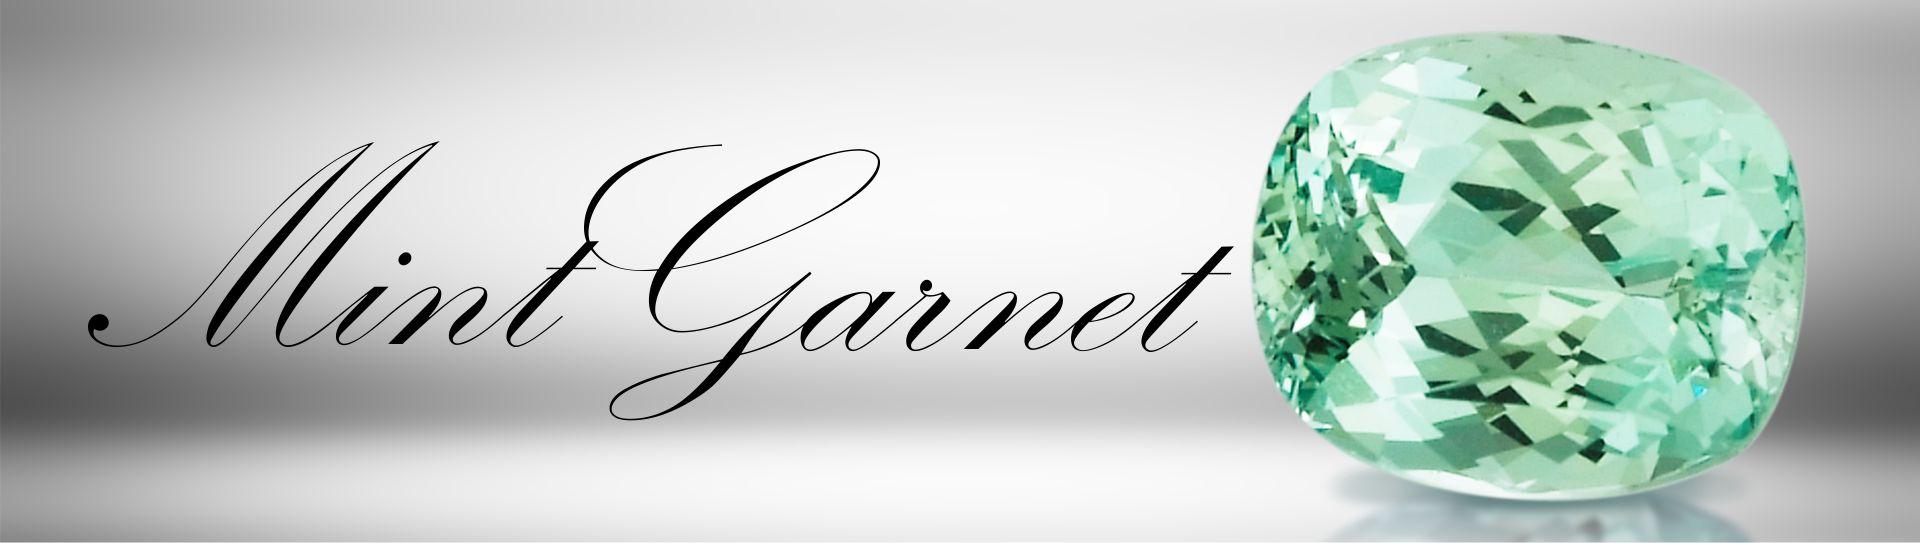 Mint Garnet